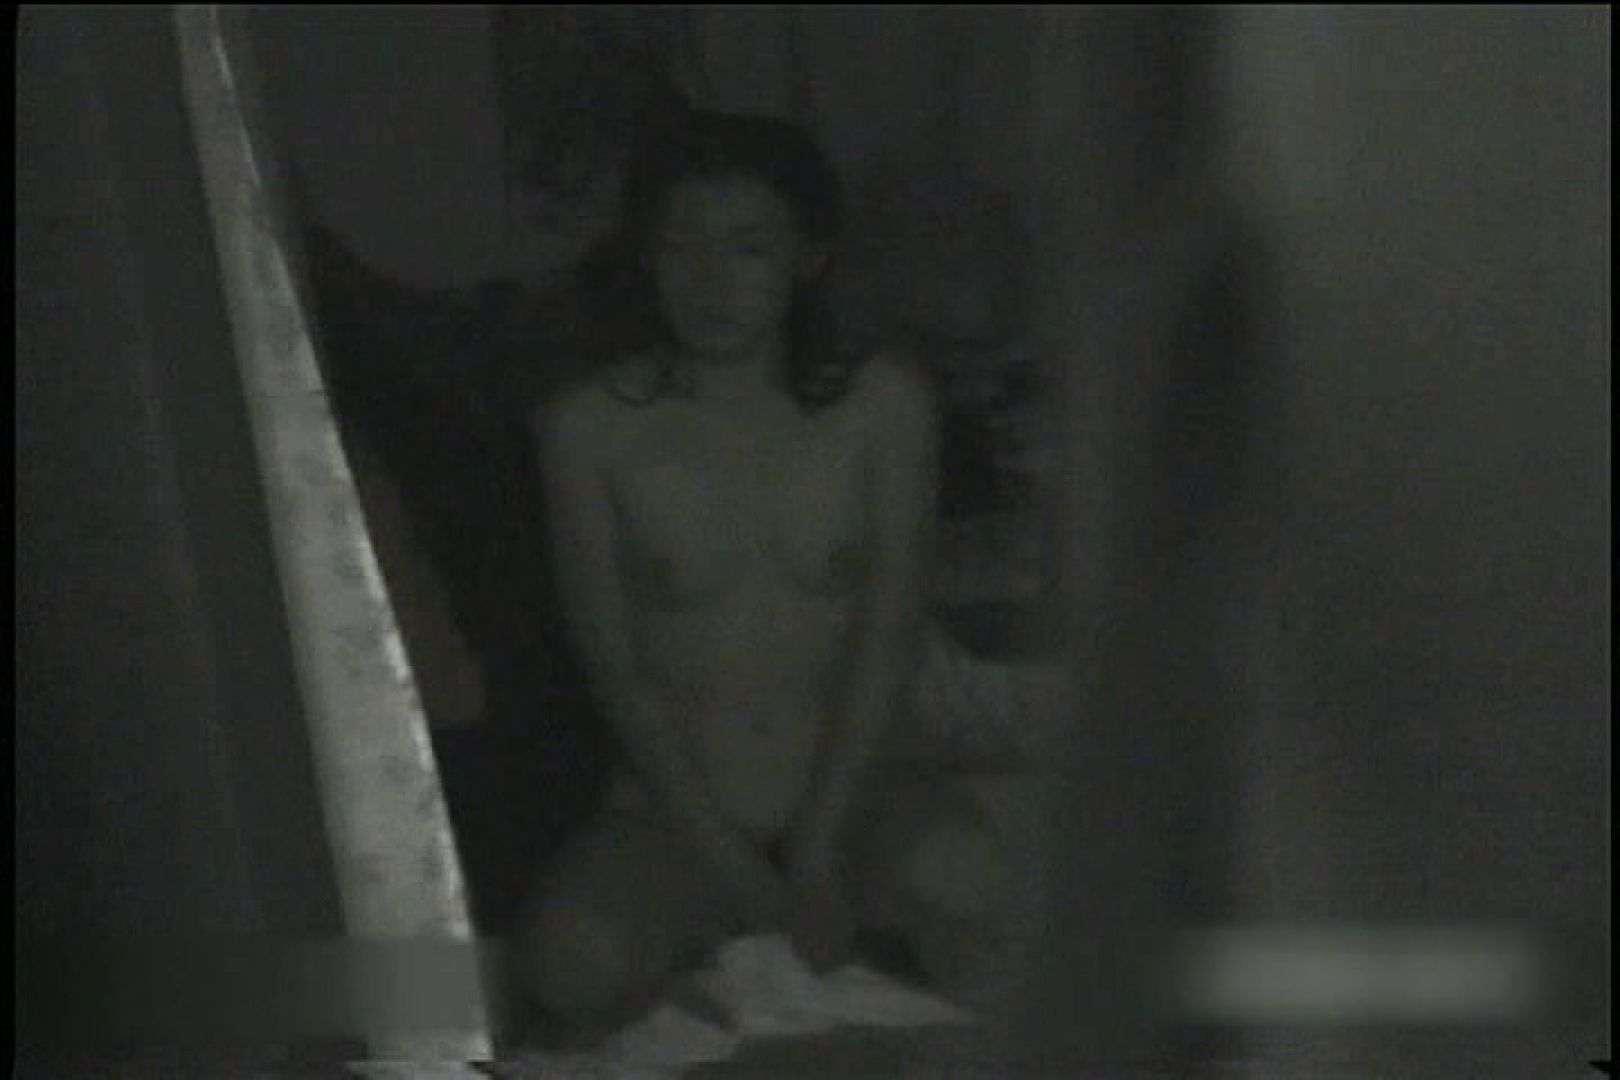 プライベートの極技!!Vol.14 HなOL セックス画像 108pic 23